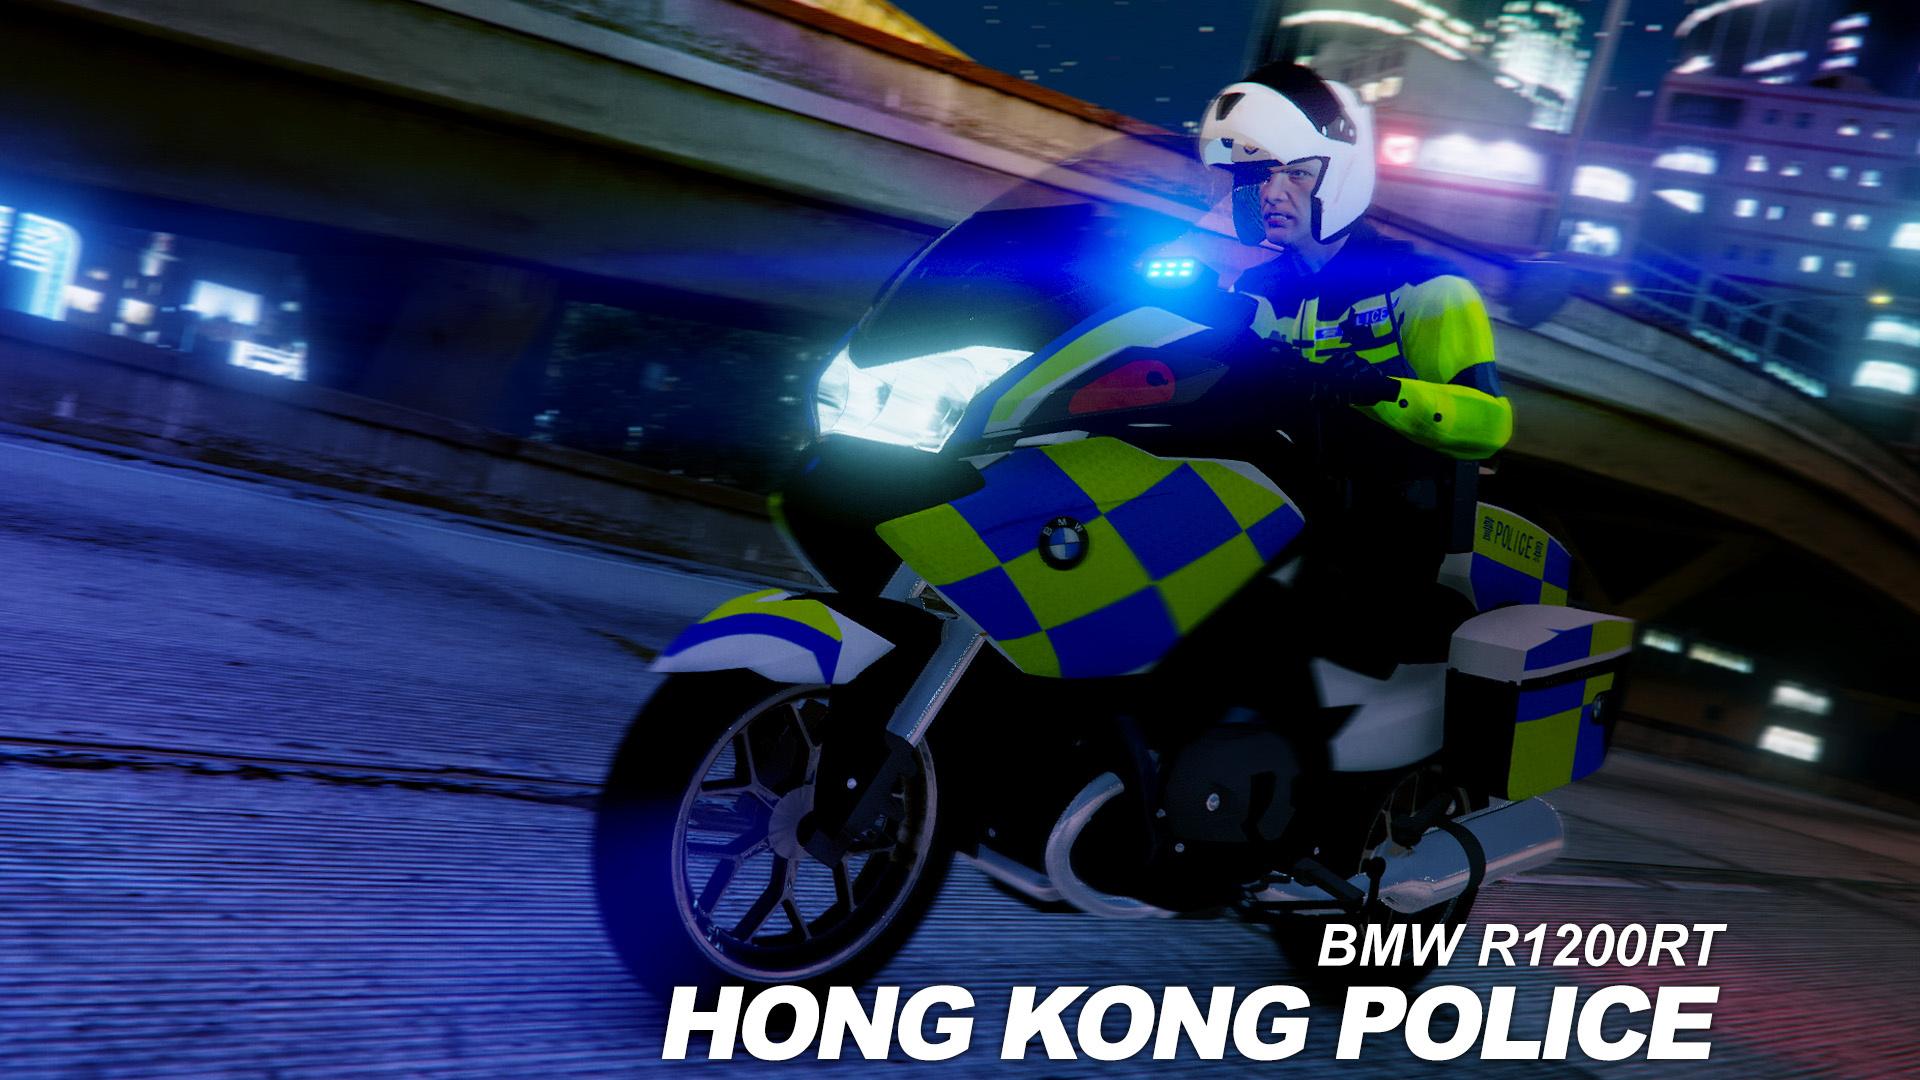 bmw r1200rt hong kong police skin gta5. Black Bedroom Furniture Sets. Home Design Ideas